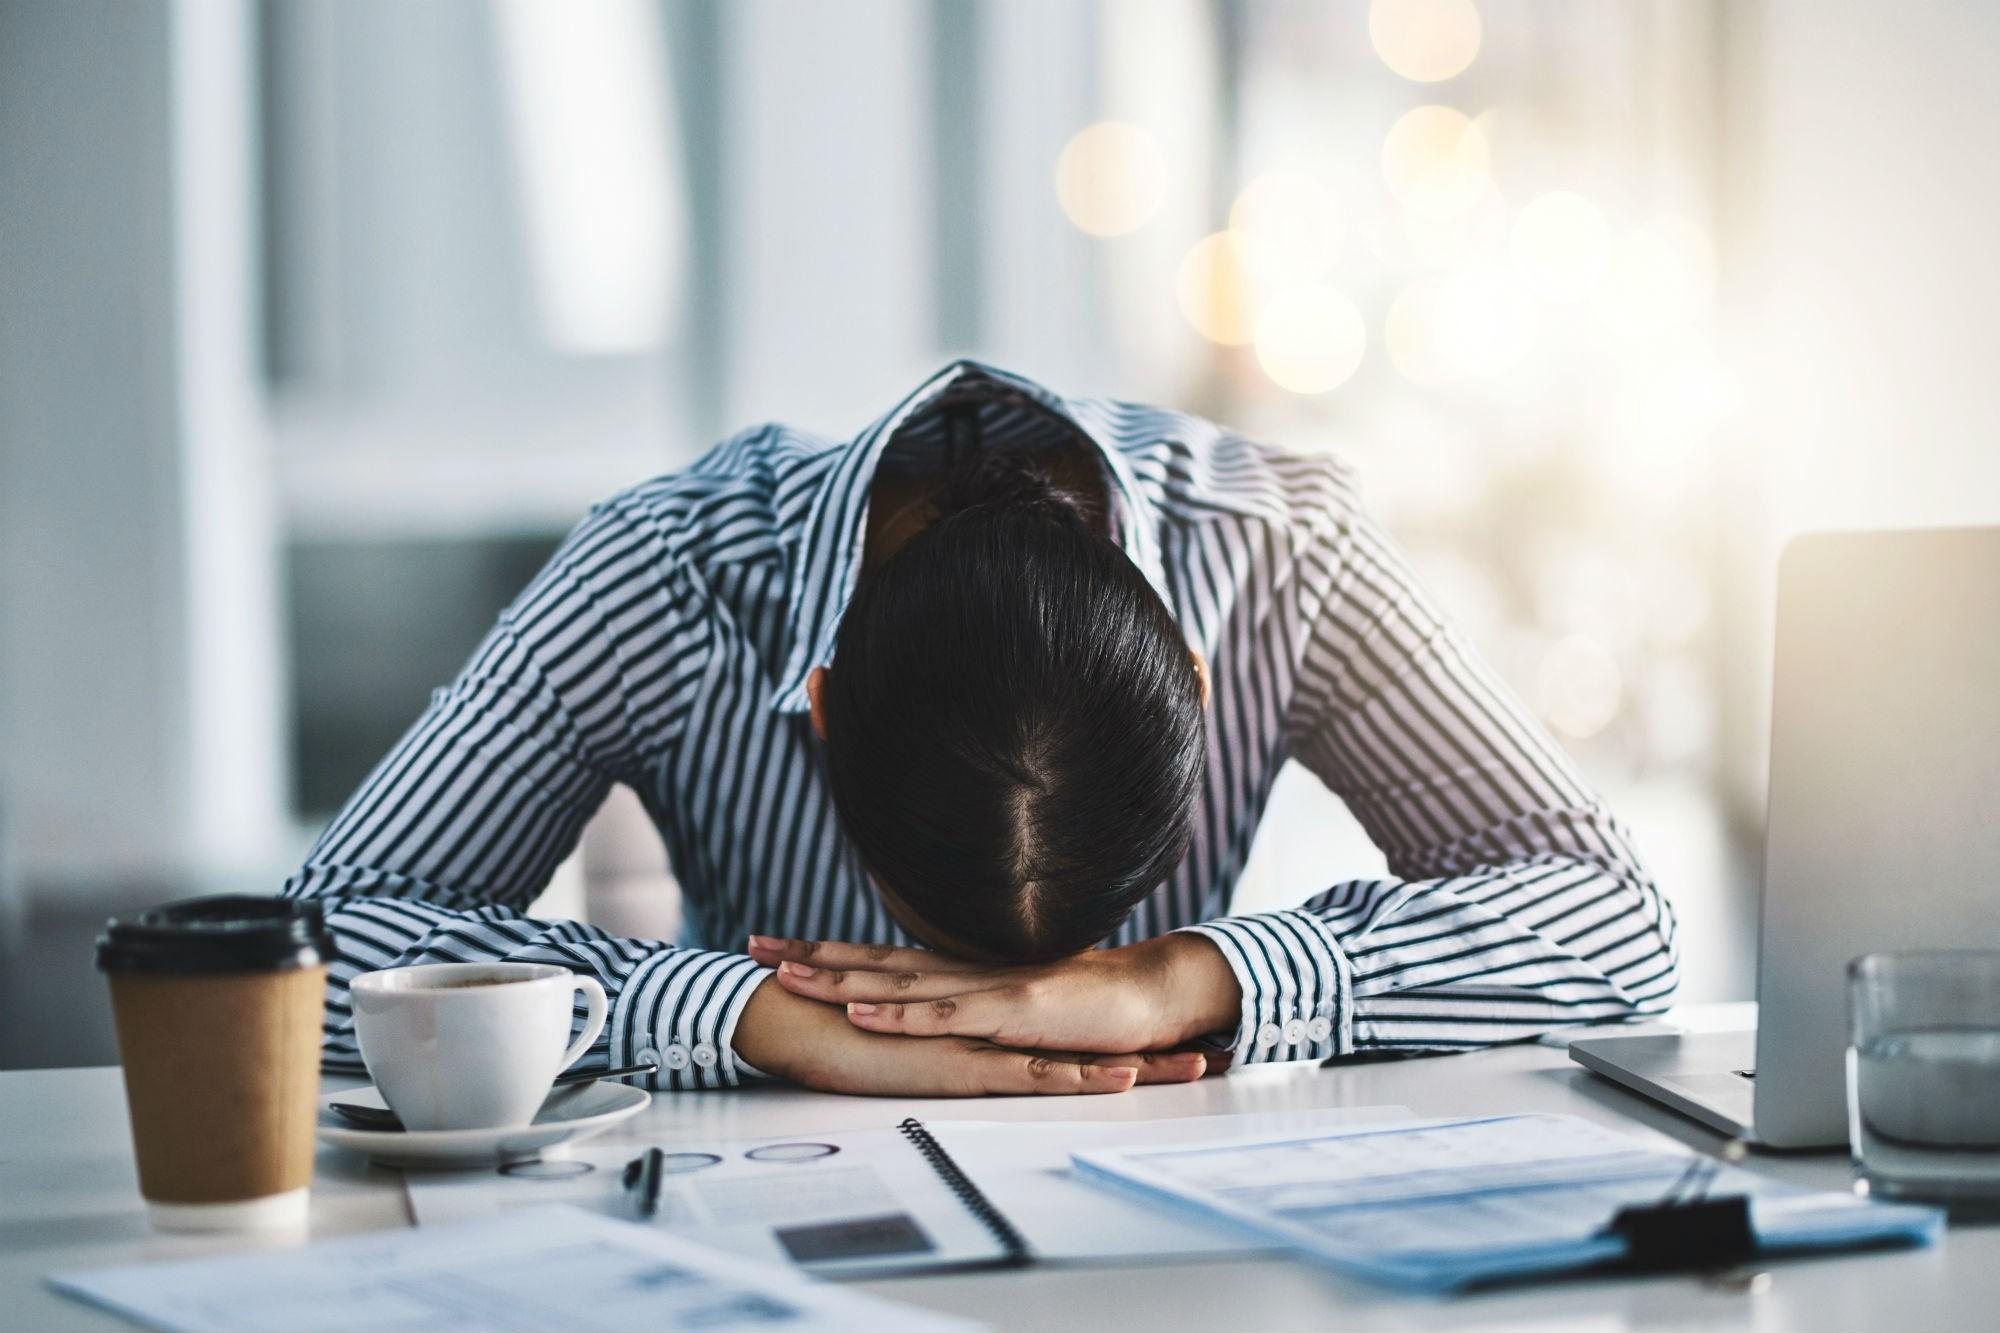 Hội chứng Burnout: tình trạng nhiều dân công sở mắc phải mà hầu như ít ai nhận ra - Ảnh 1.